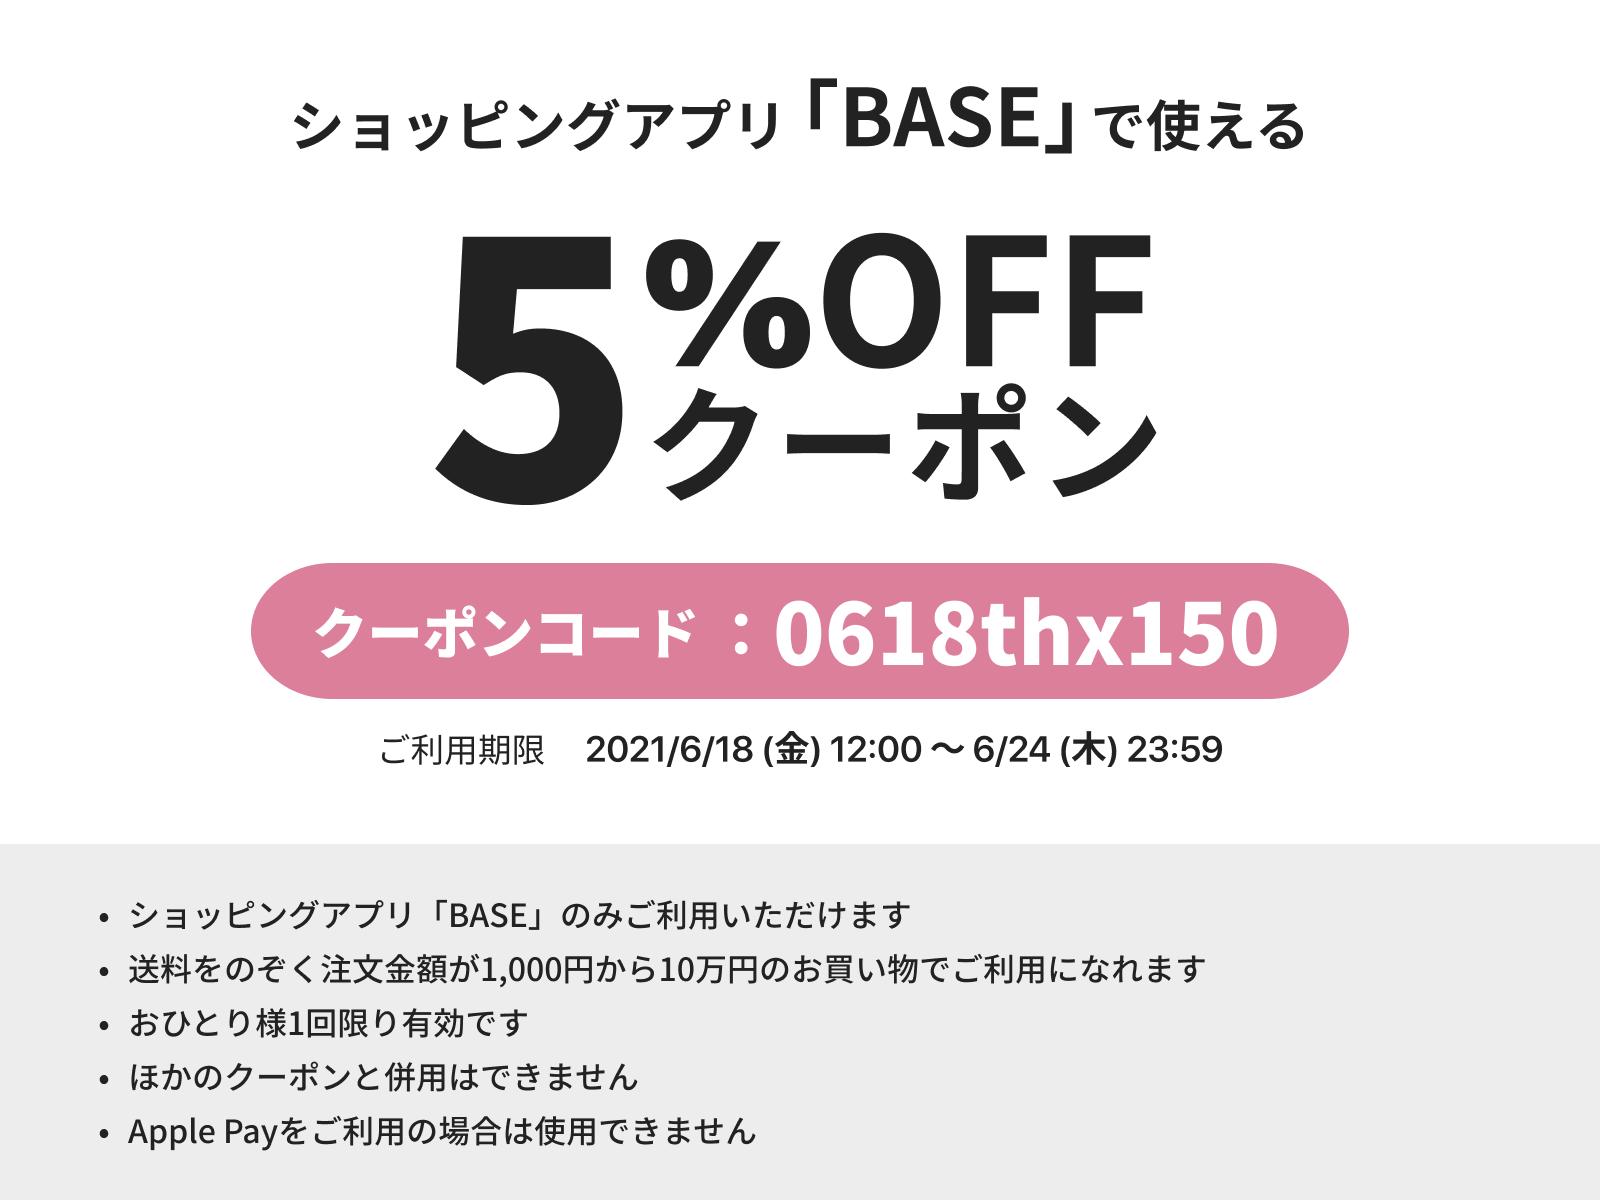 ショッピングアプリ BASE 限定割引のお知らせ。